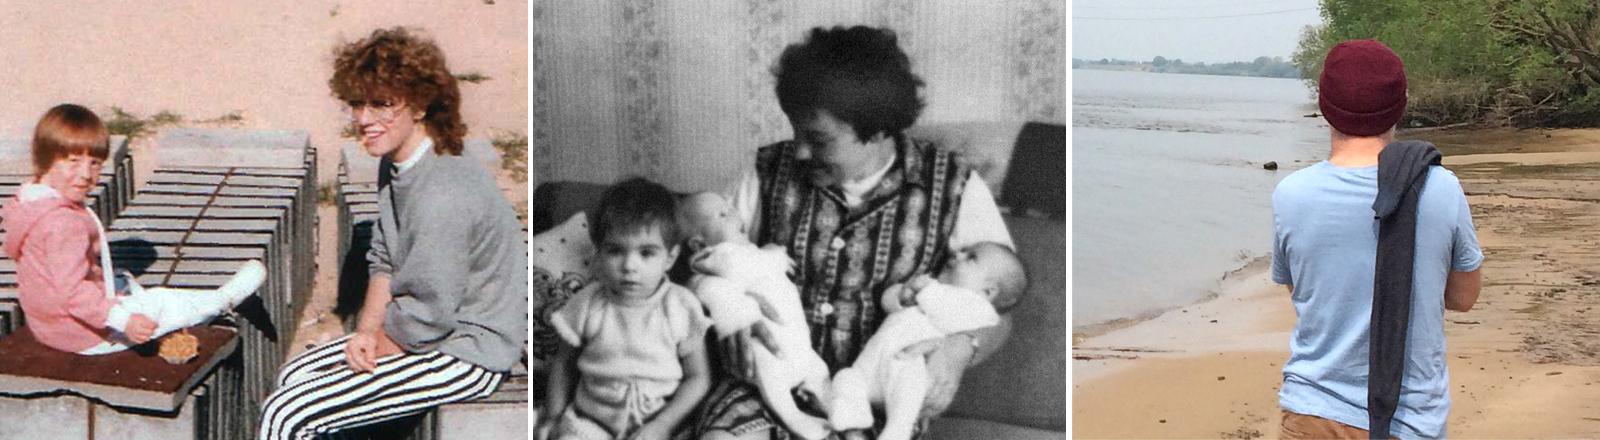 Marlene und Margot | Anita und ihre Kinder  |  Gregor am Flußufer